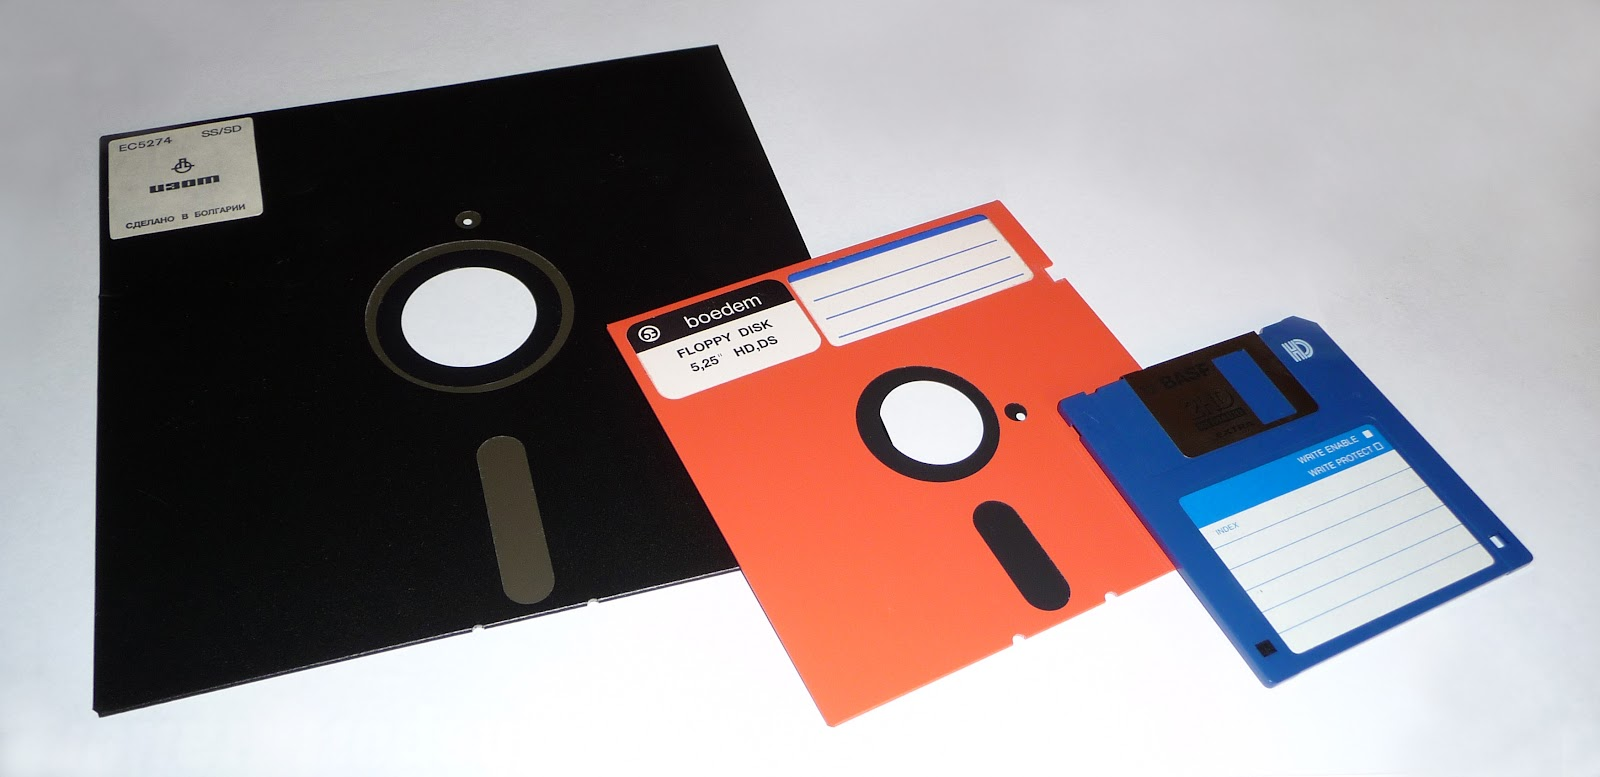 Floppy Disks.jpg